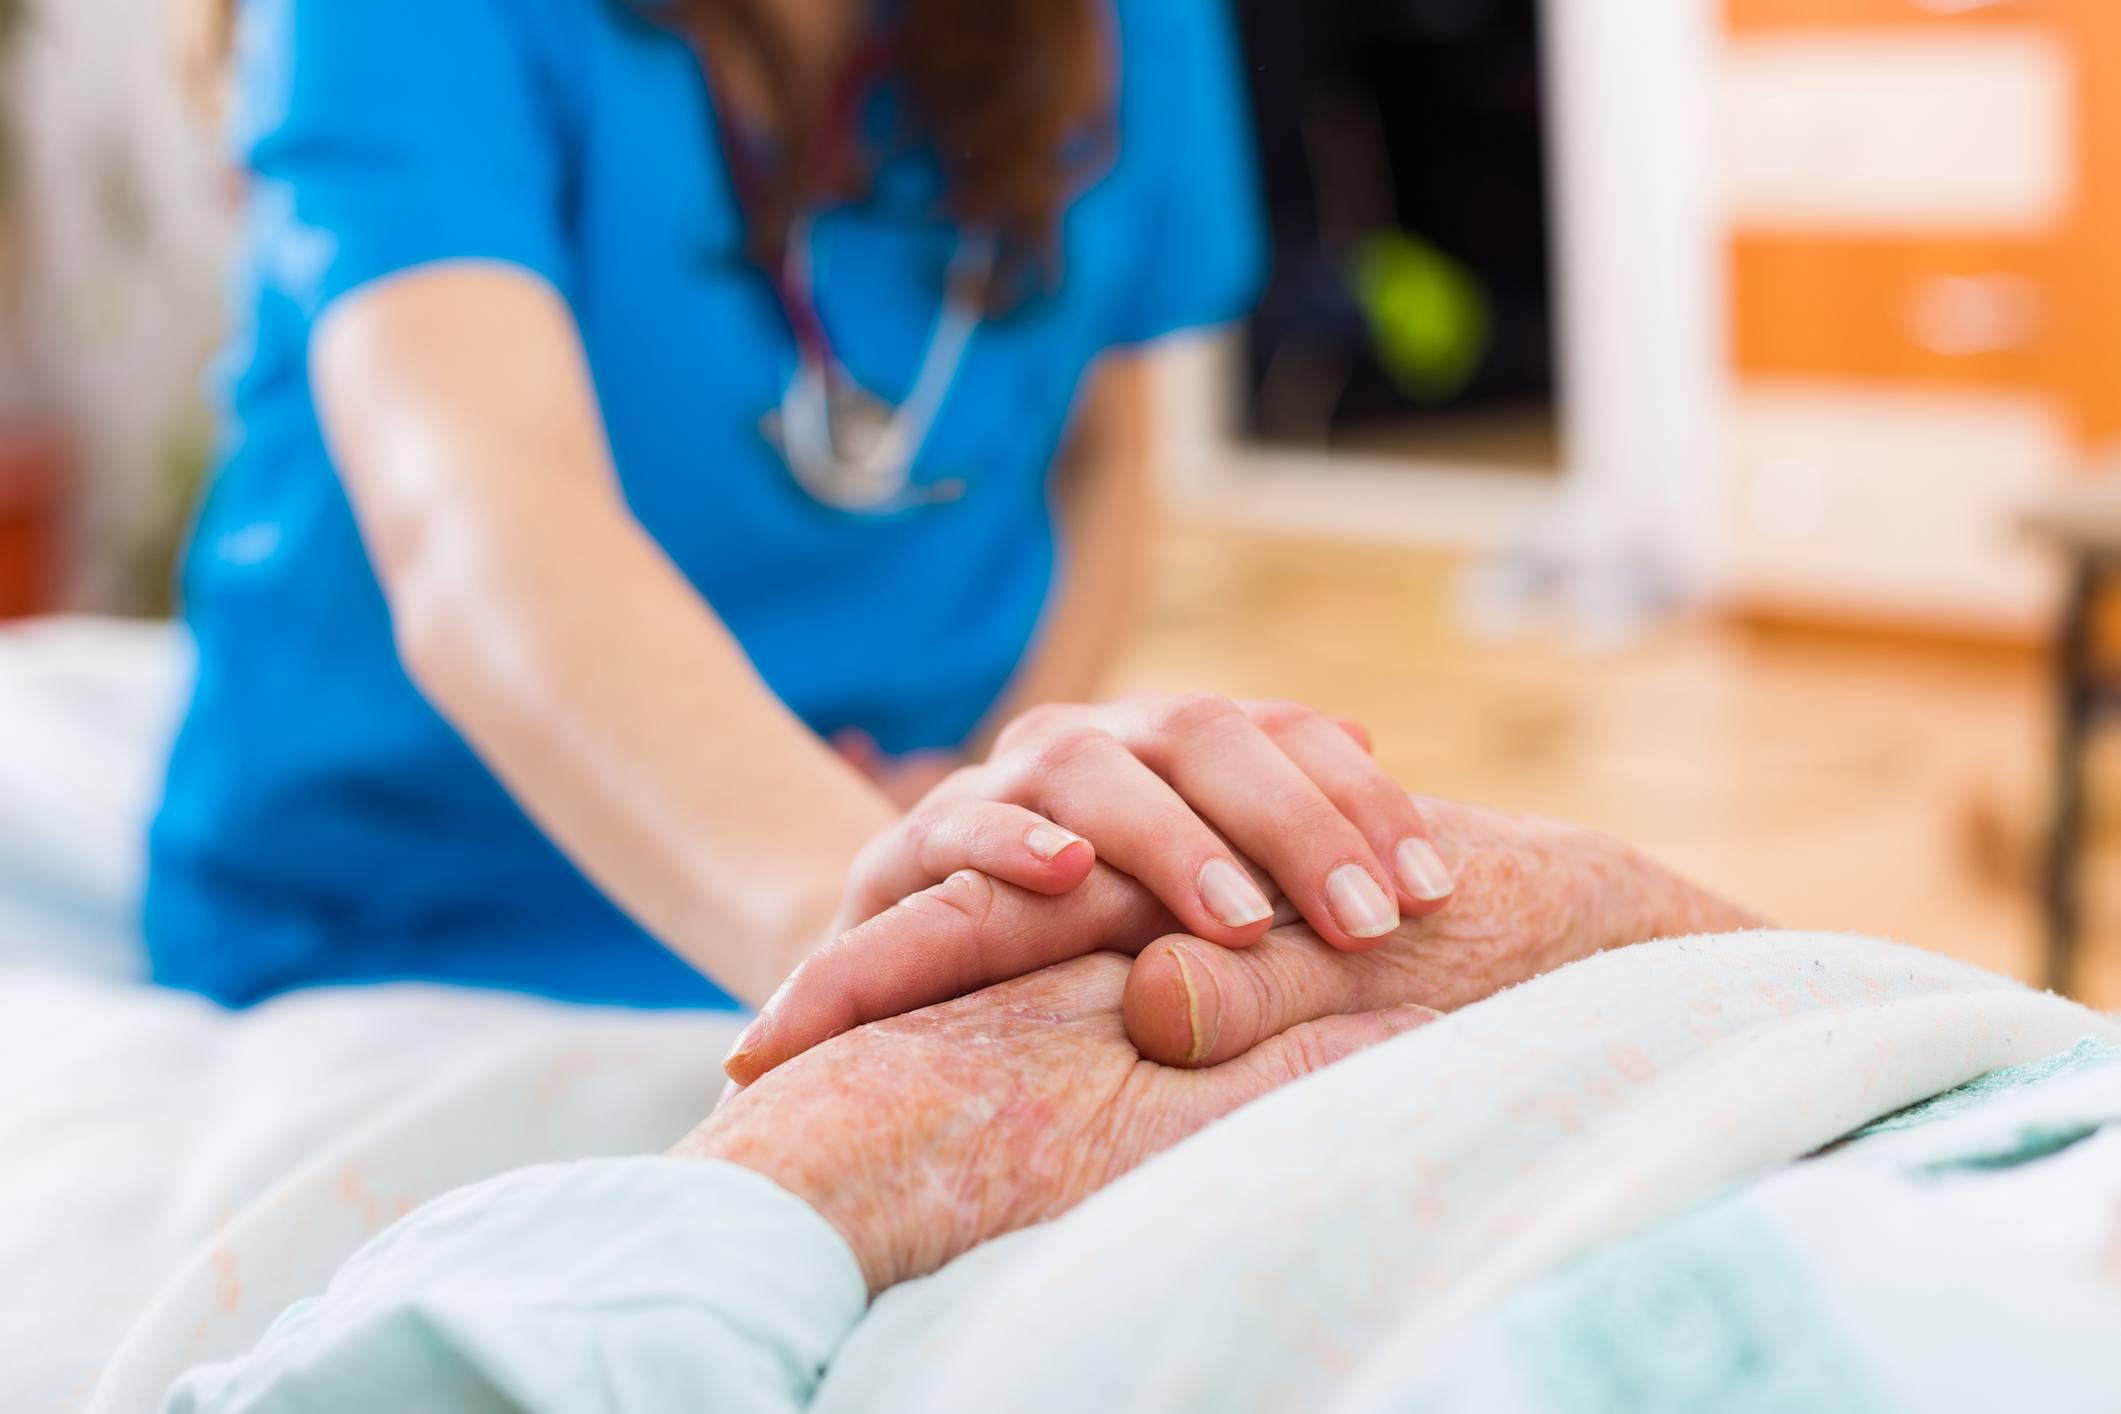 Nurse holding Patient hands